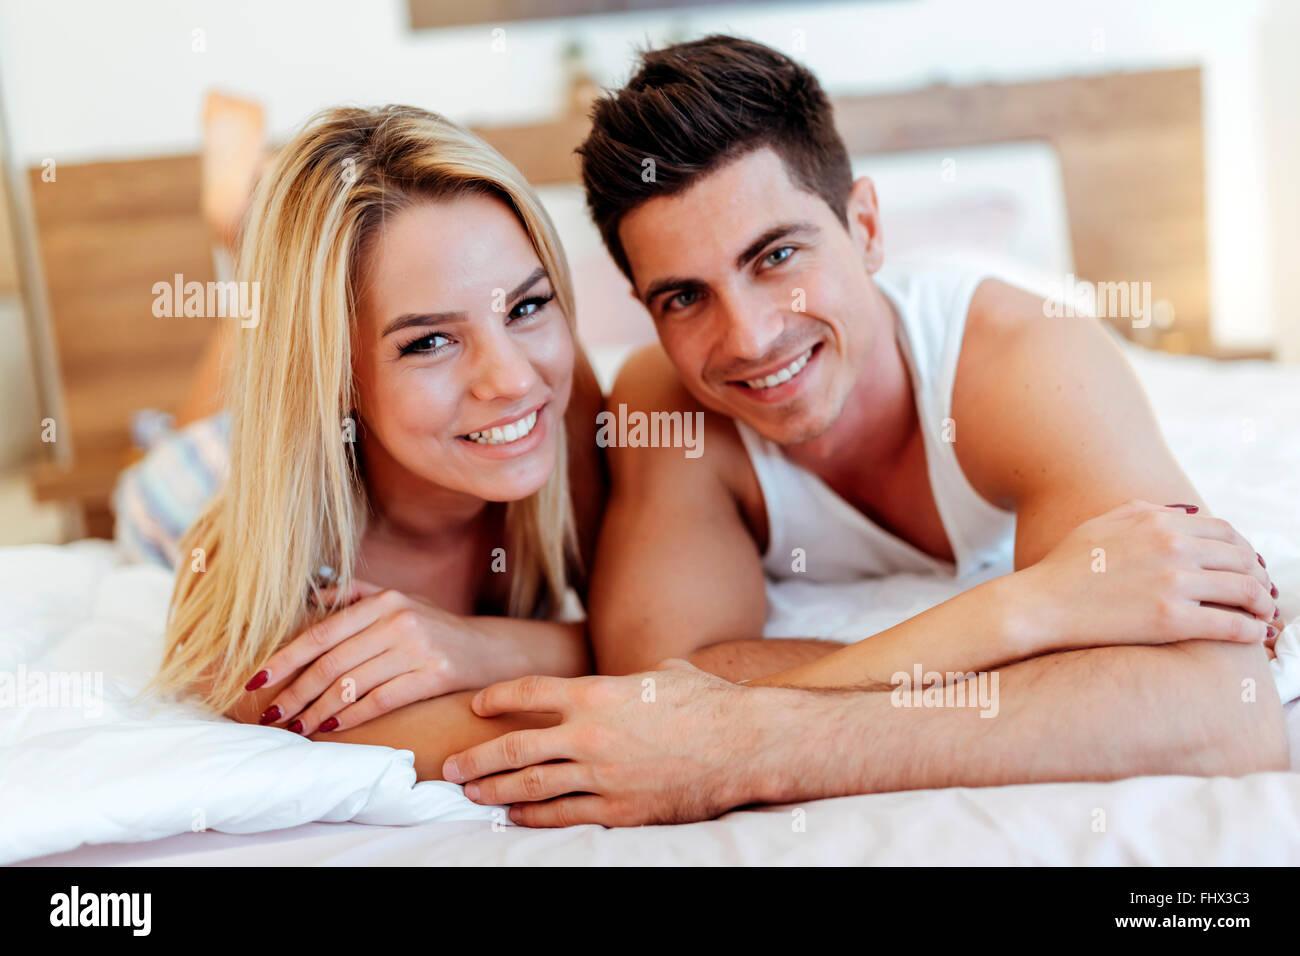 Glücklicher Ehemann liebende Ehefrau beim liegen im Bett Stockbild